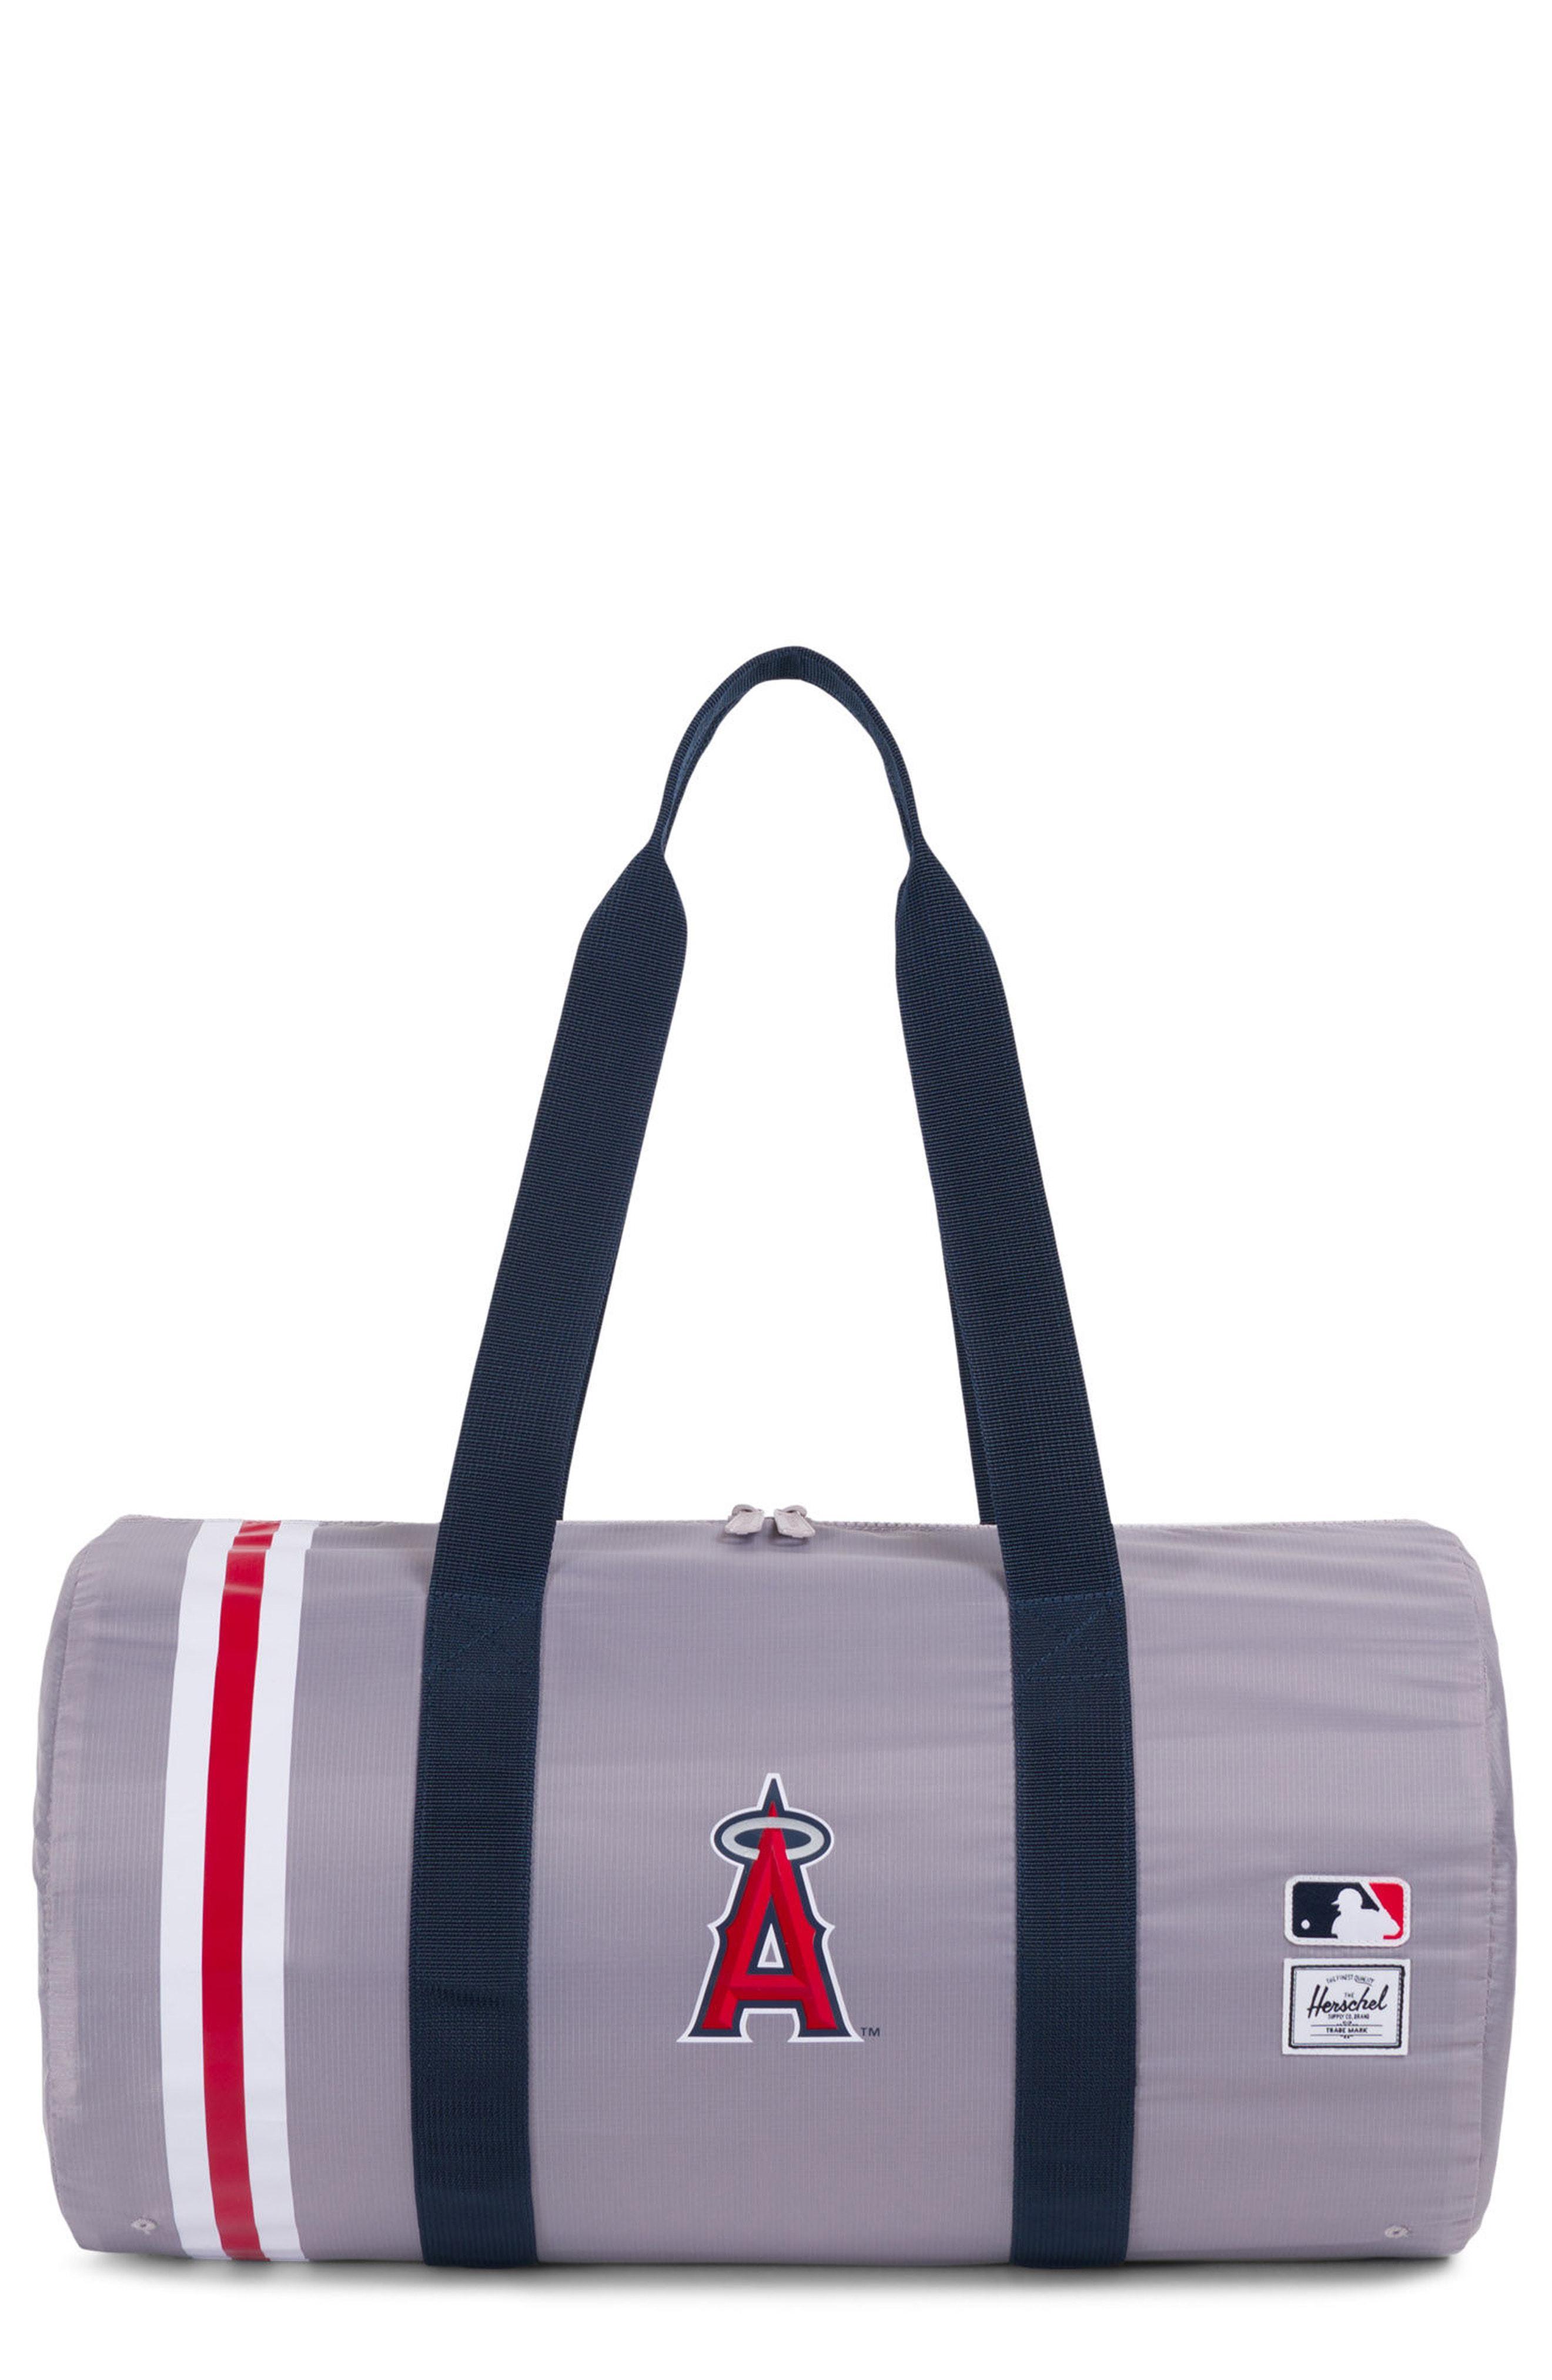 6b452d69b622 Lyst - Herschel Supply Co. Packable - Mlb American League Duffel Bag ...